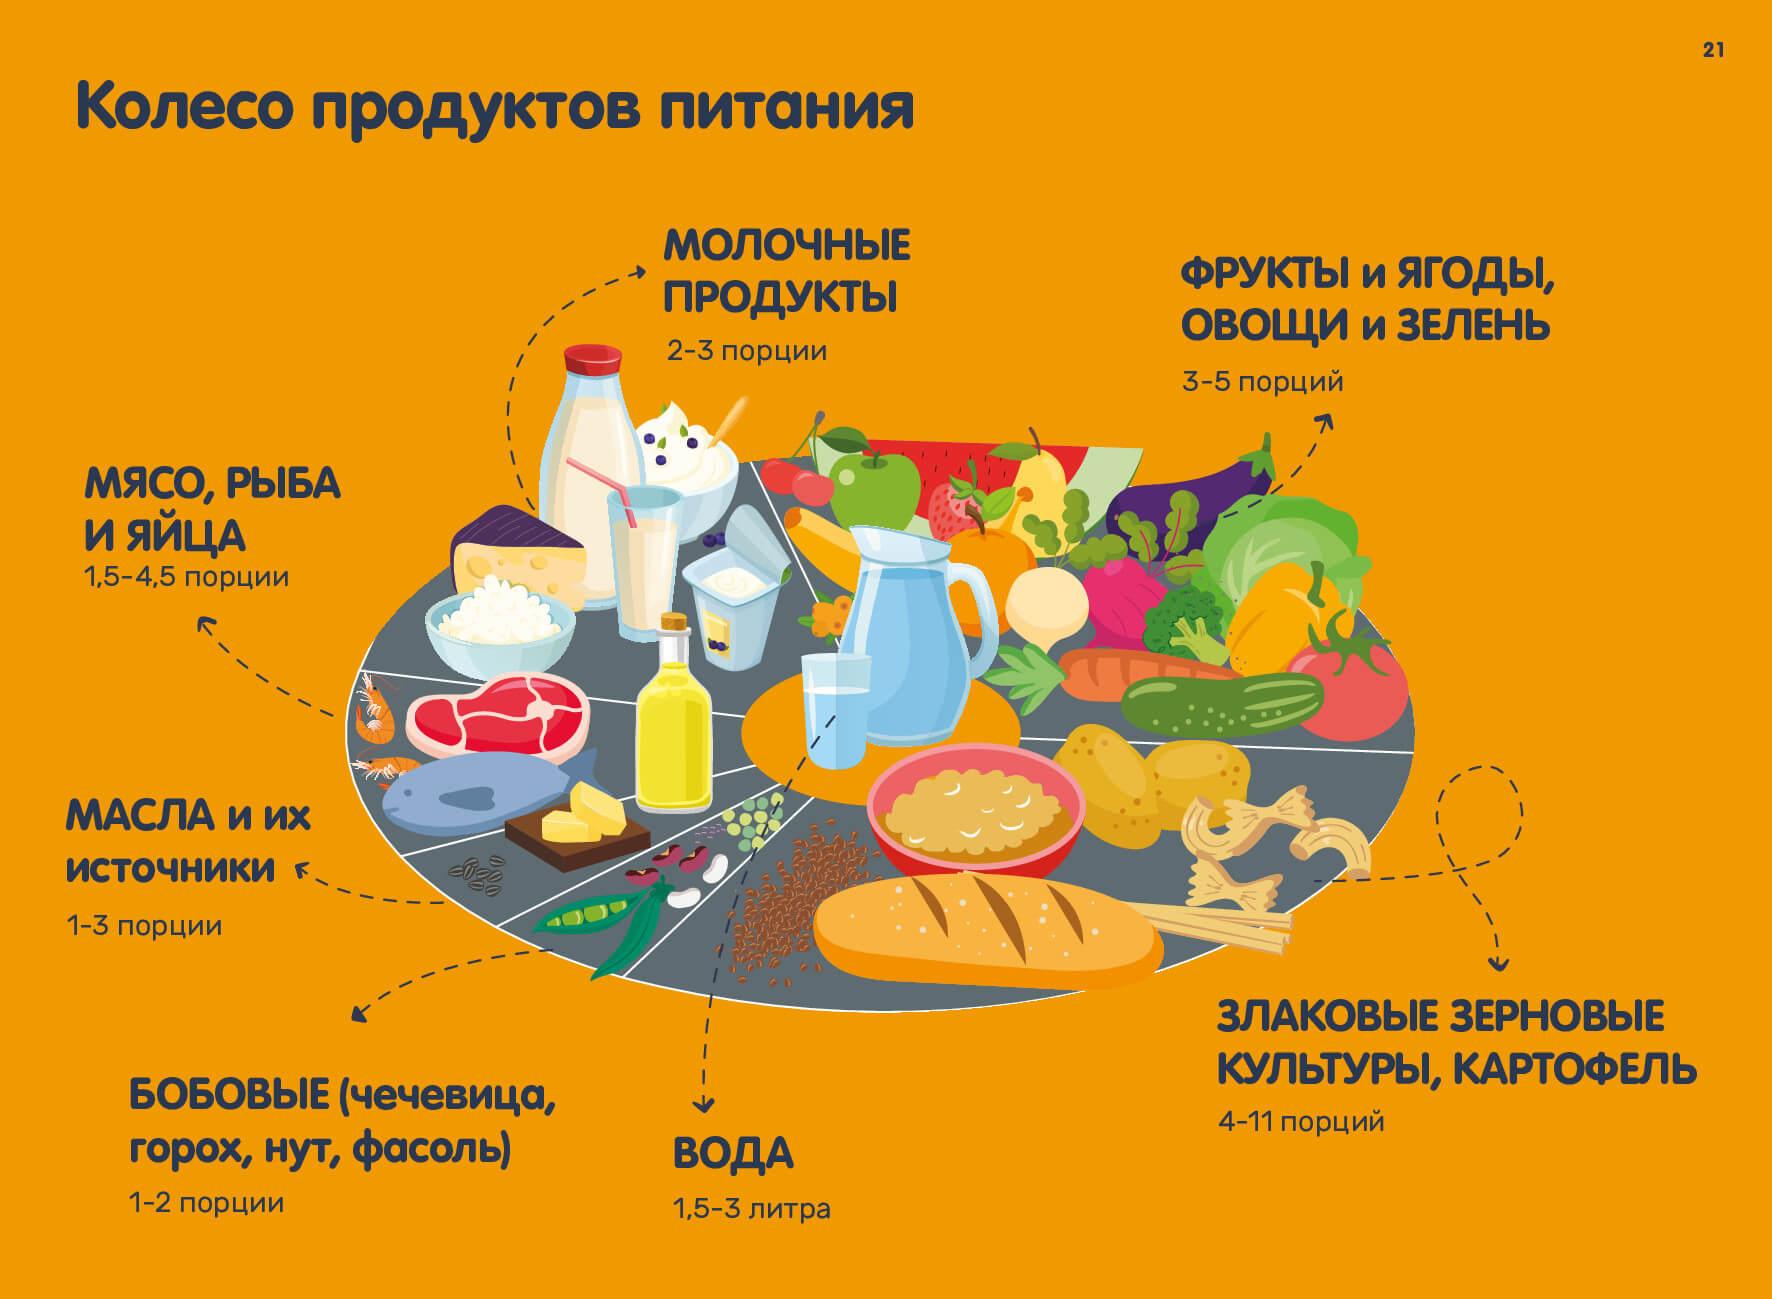 колесо продуктов питания